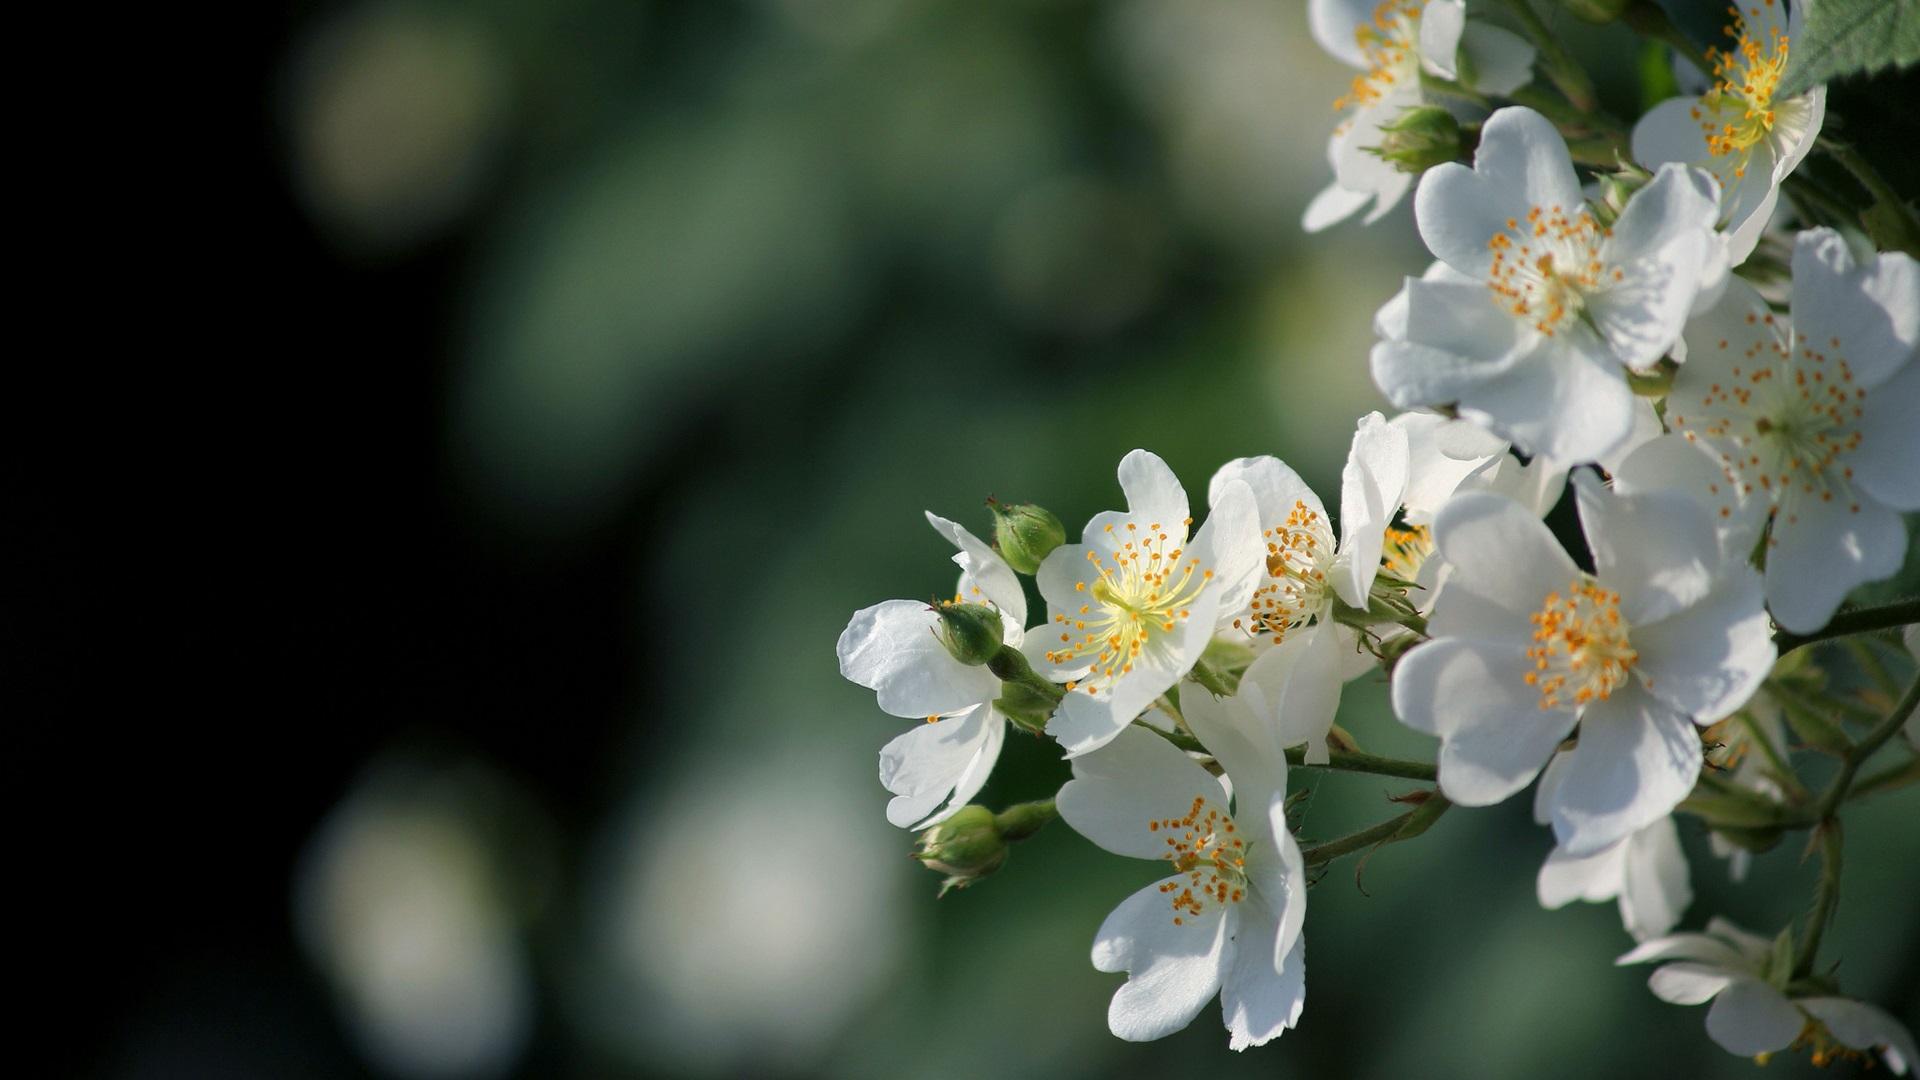 bloomed white roses wallpaper-#31